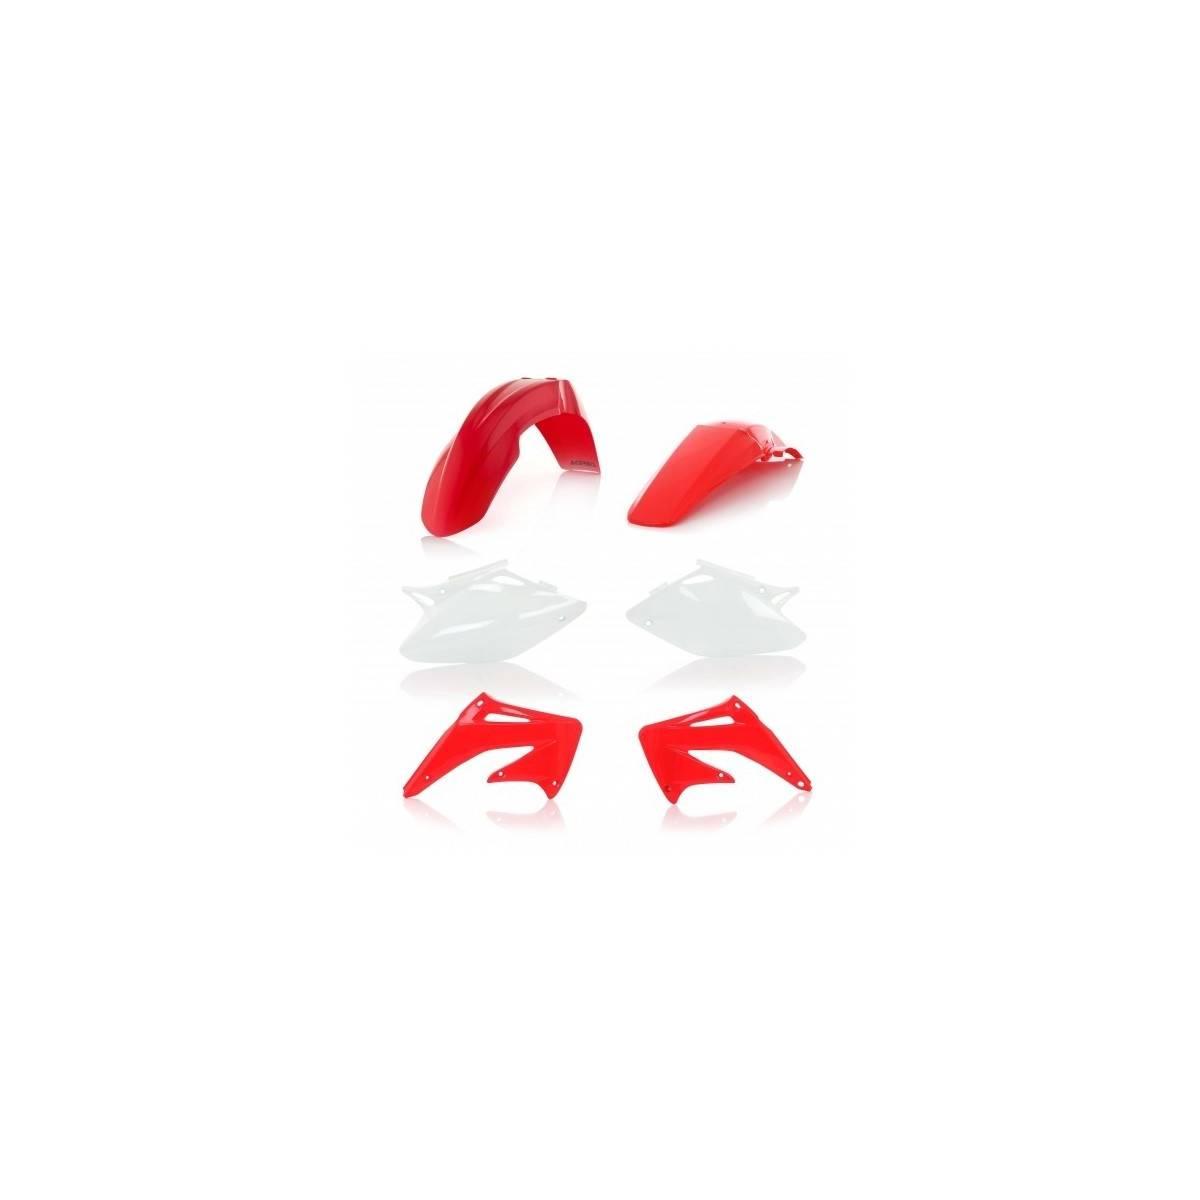 0007598-553 - Kit Plasticos Acerbis Cr 02 07 Origen